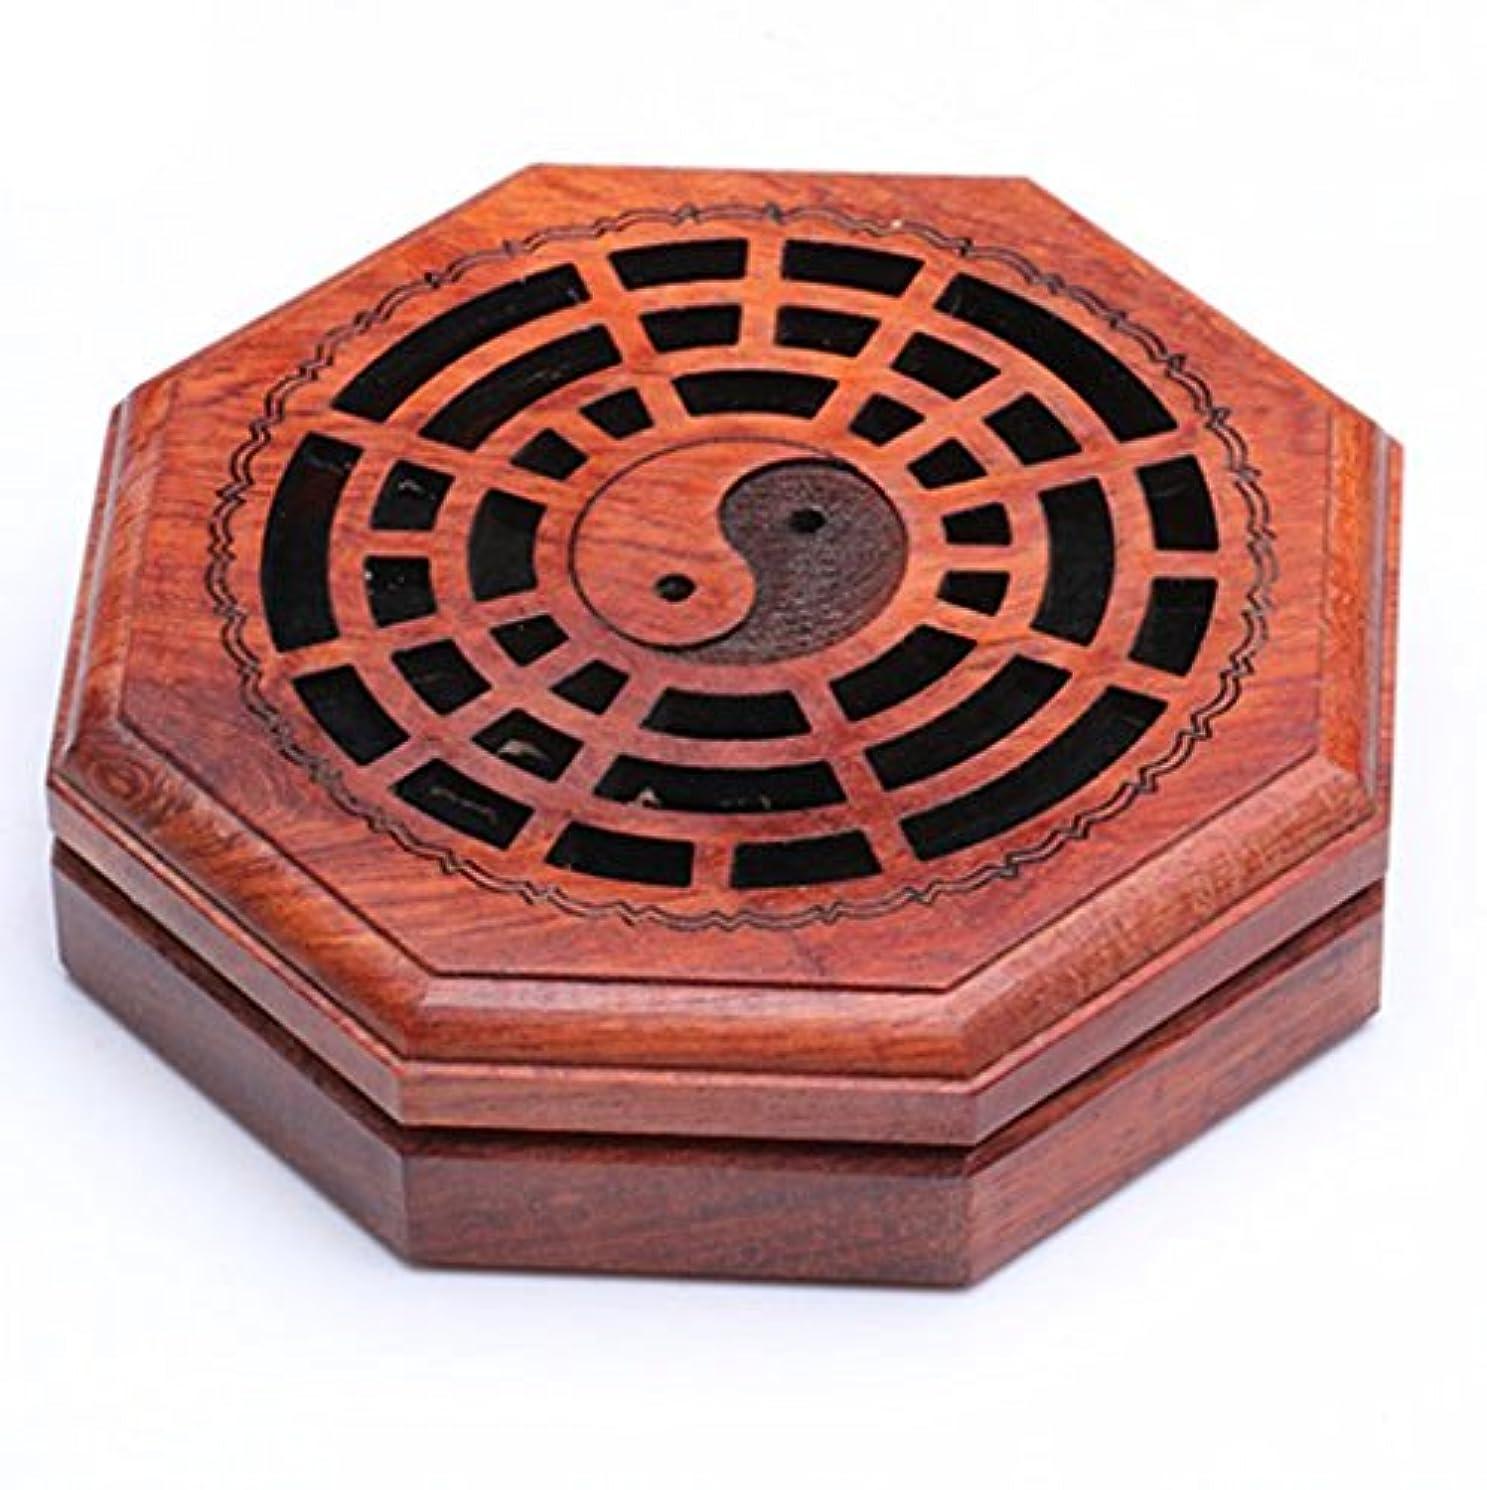 カブファンタジー受け皿(ラシューバー) Lasuiveur 香炉 線香立て 香立て 職人さんの手作り 茶道用品 おしゃれ  木製 透かし彫り